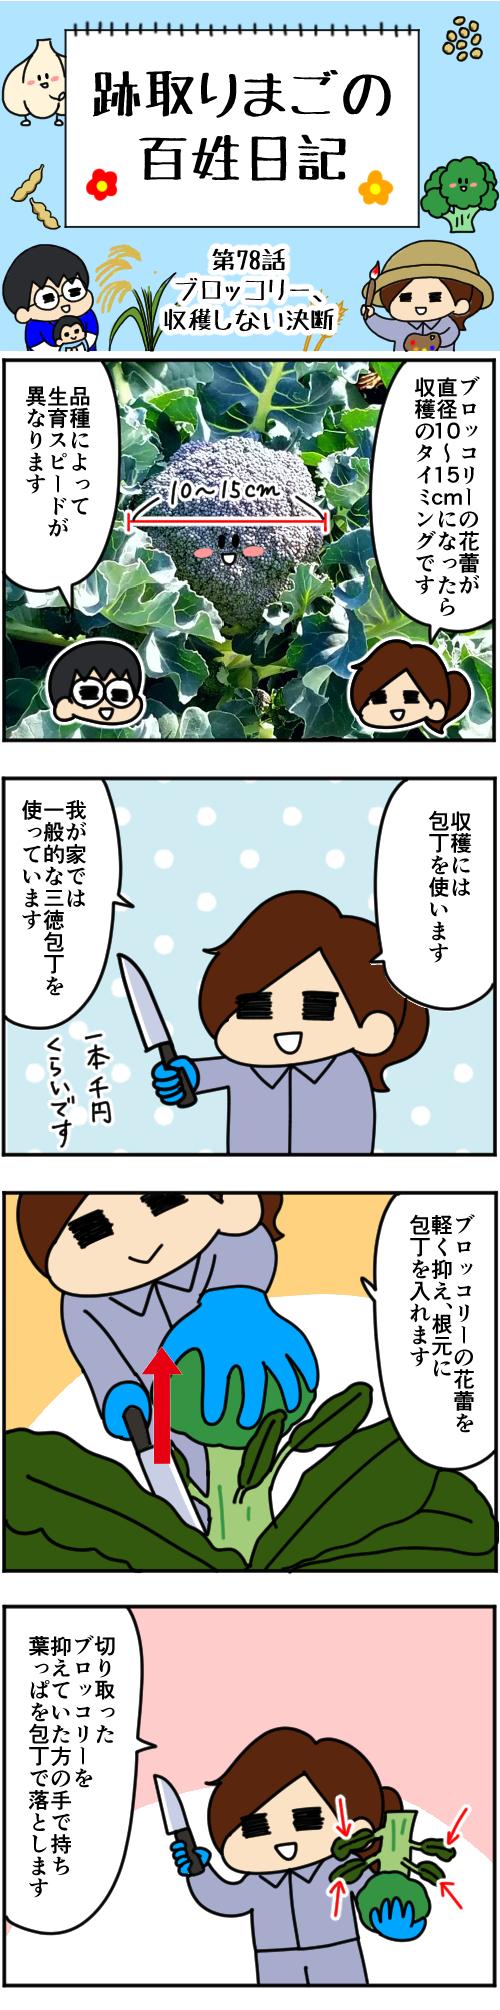 「跡取りまごの百姓日記」【第78話】_1枚目